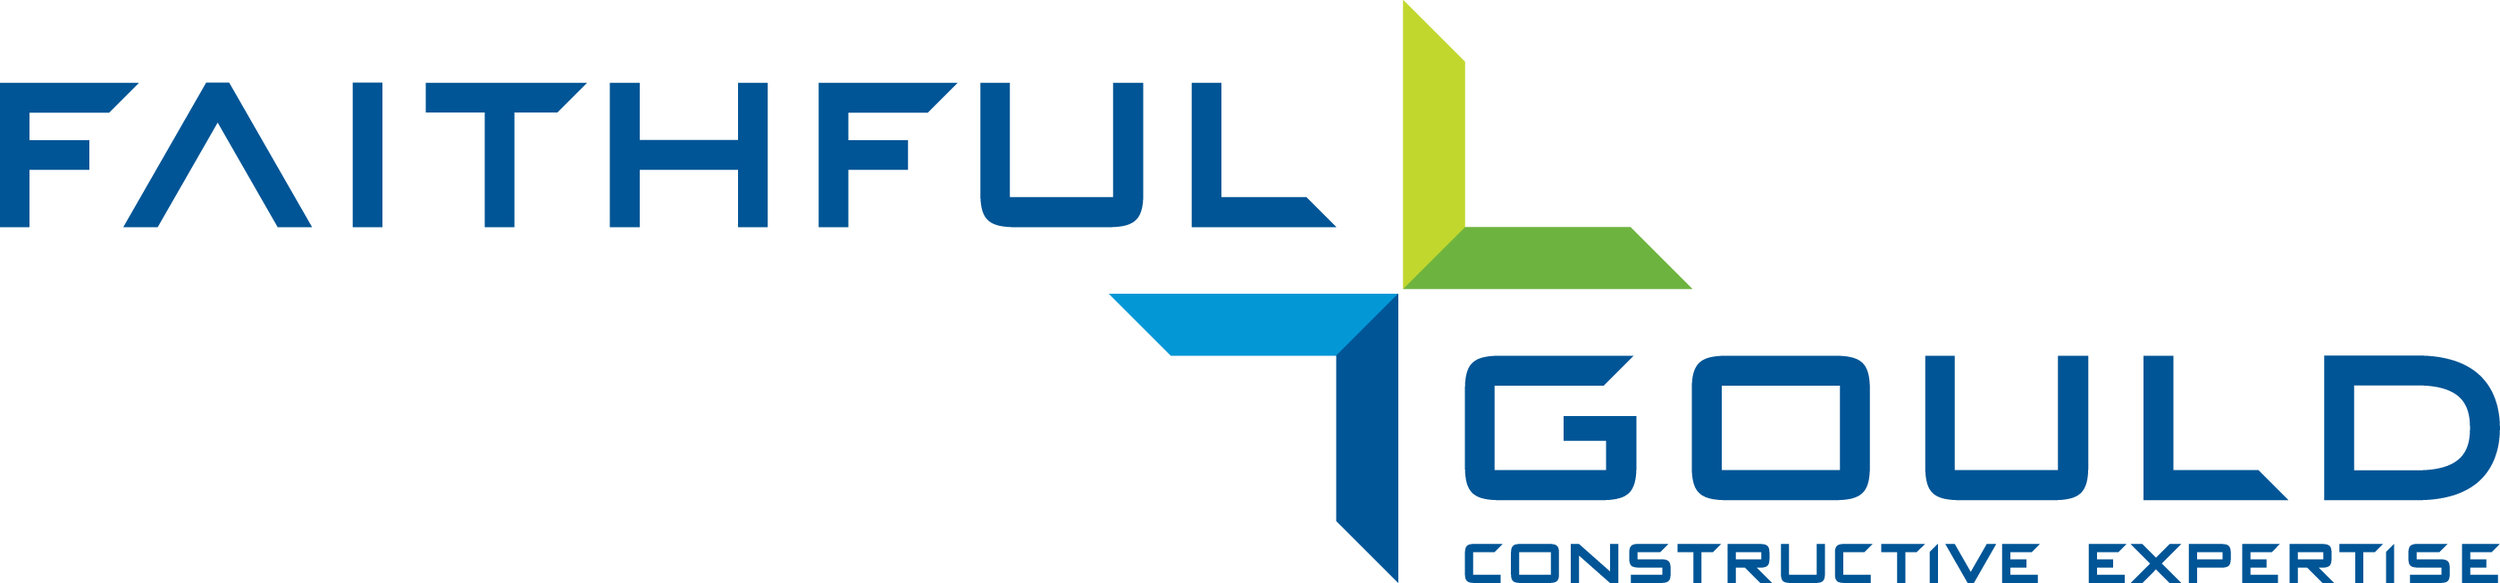 Faithful+Gould Logo.jpg